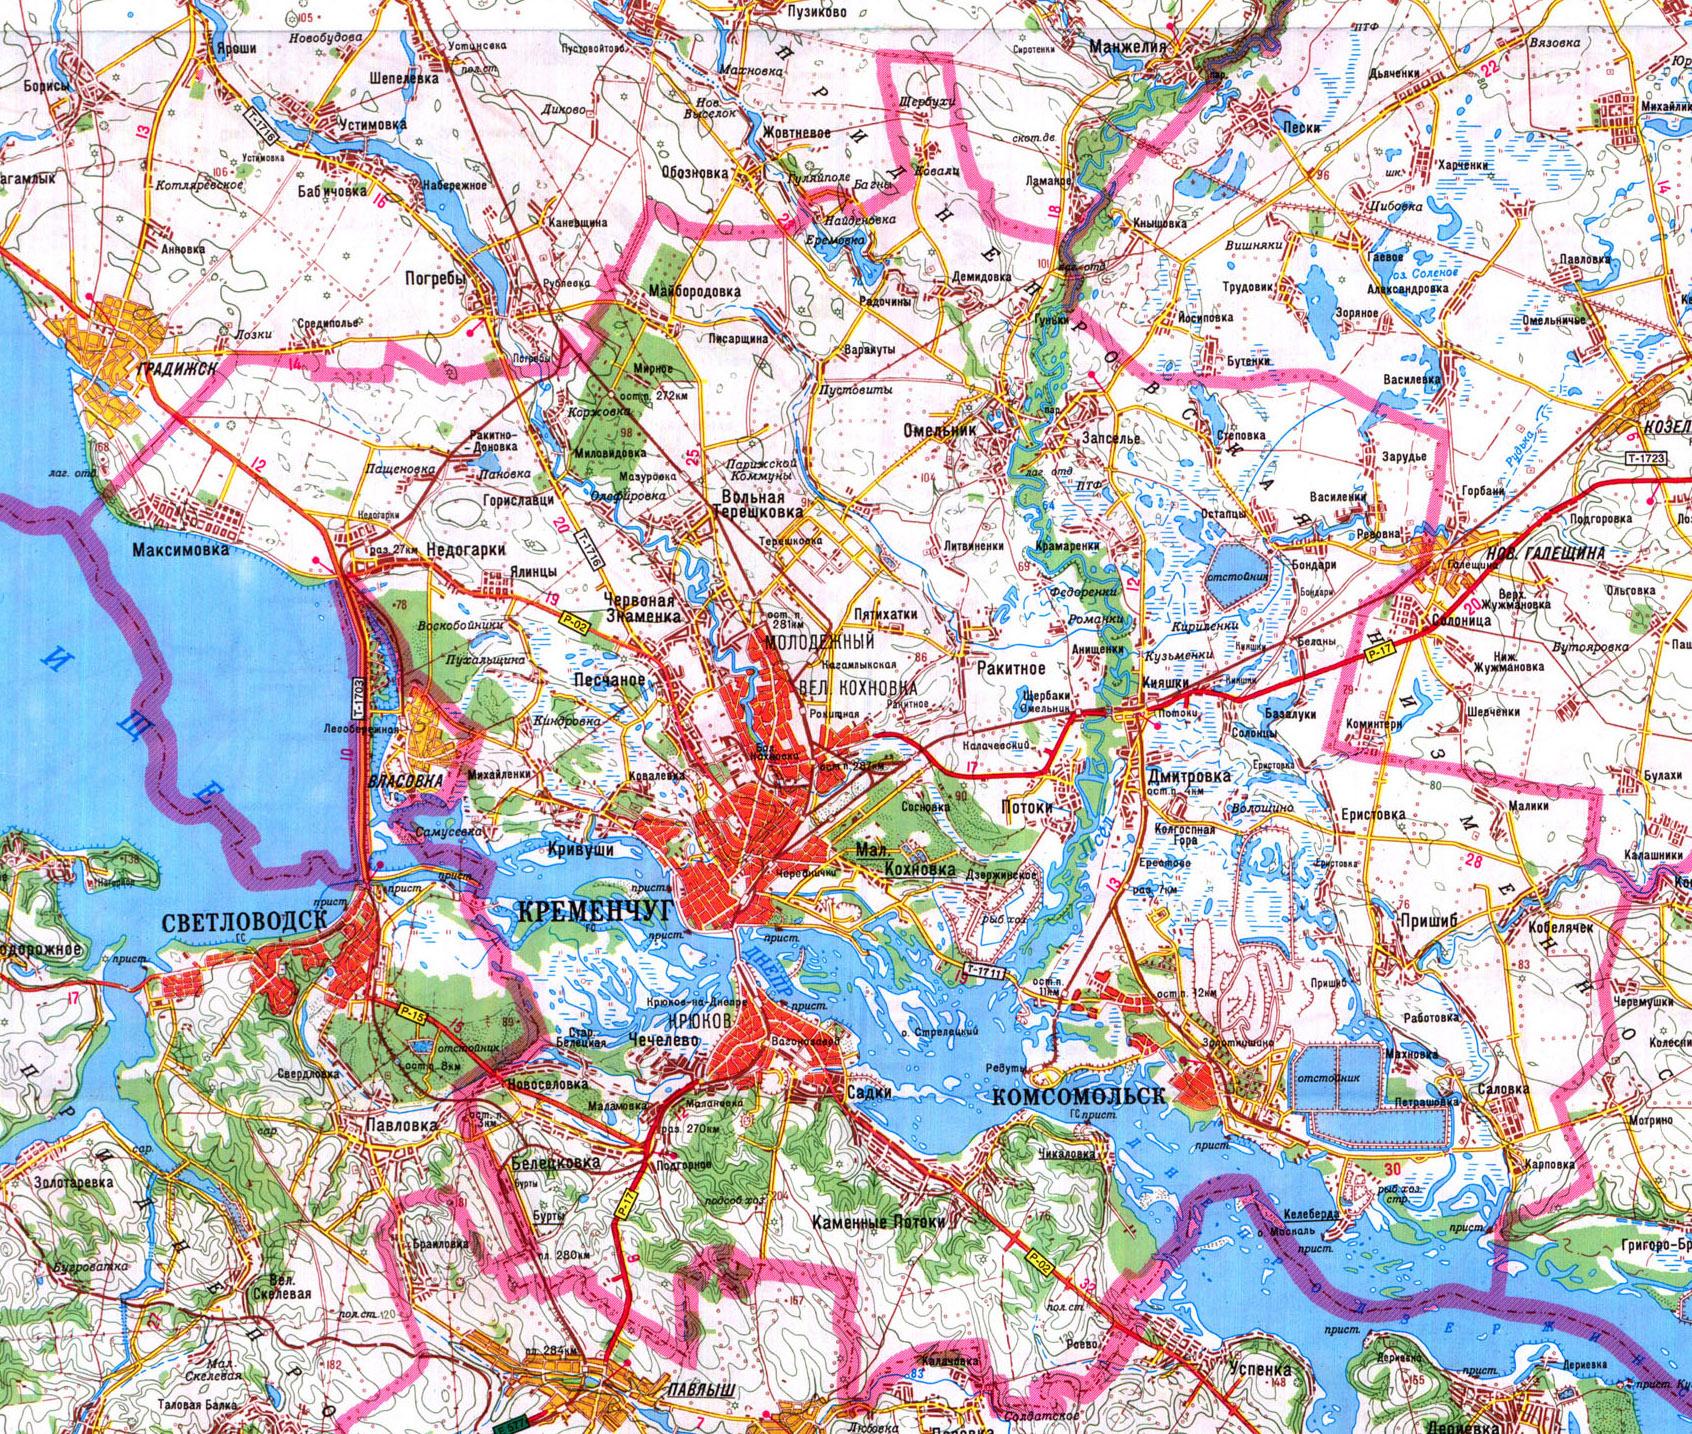 Кременчугский район карта